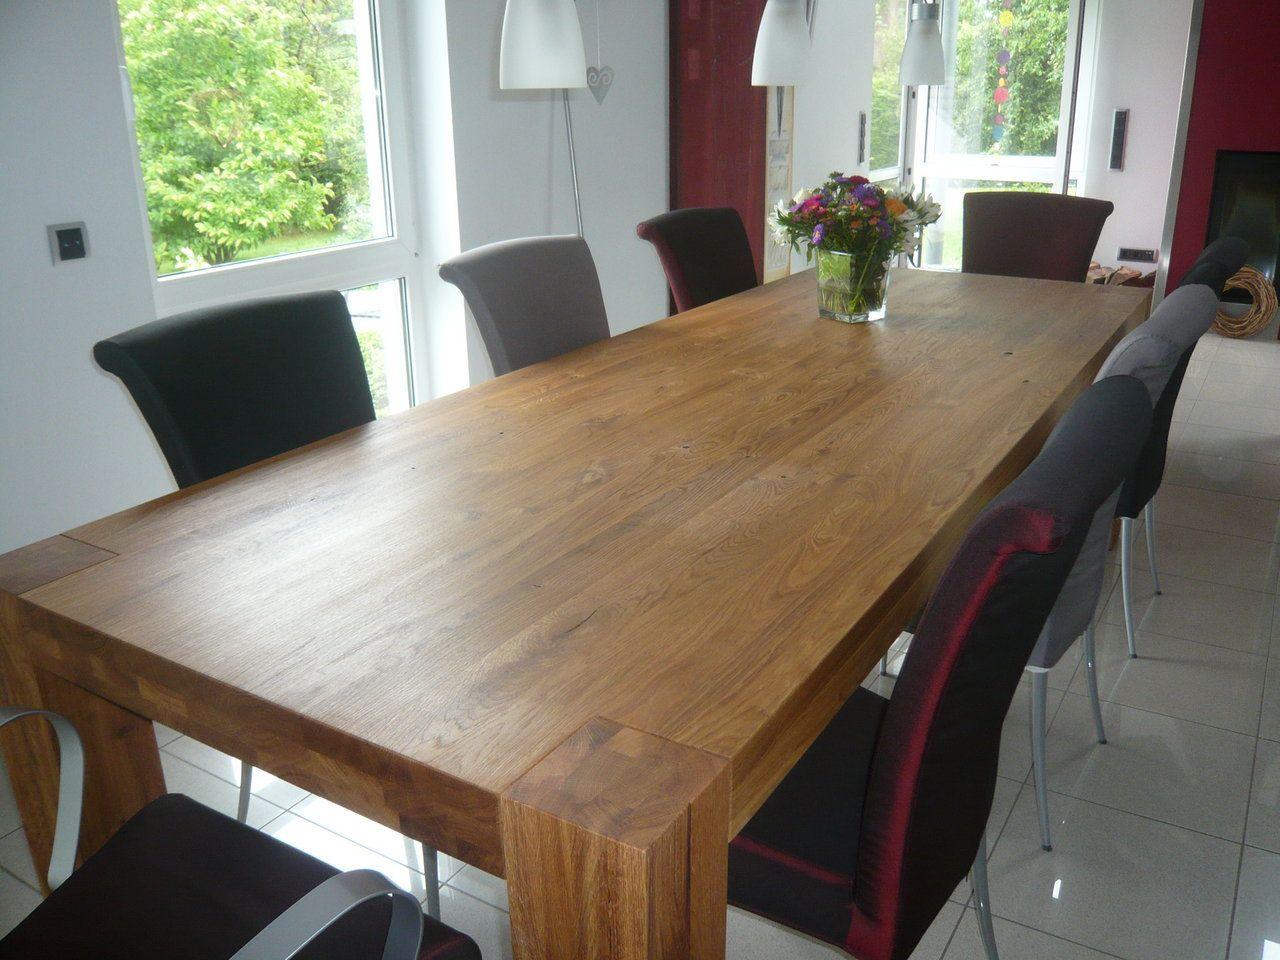 Tisch Bamaco Eiche Geolt 280 X 100 Cm Diy Esstisch Esstisch